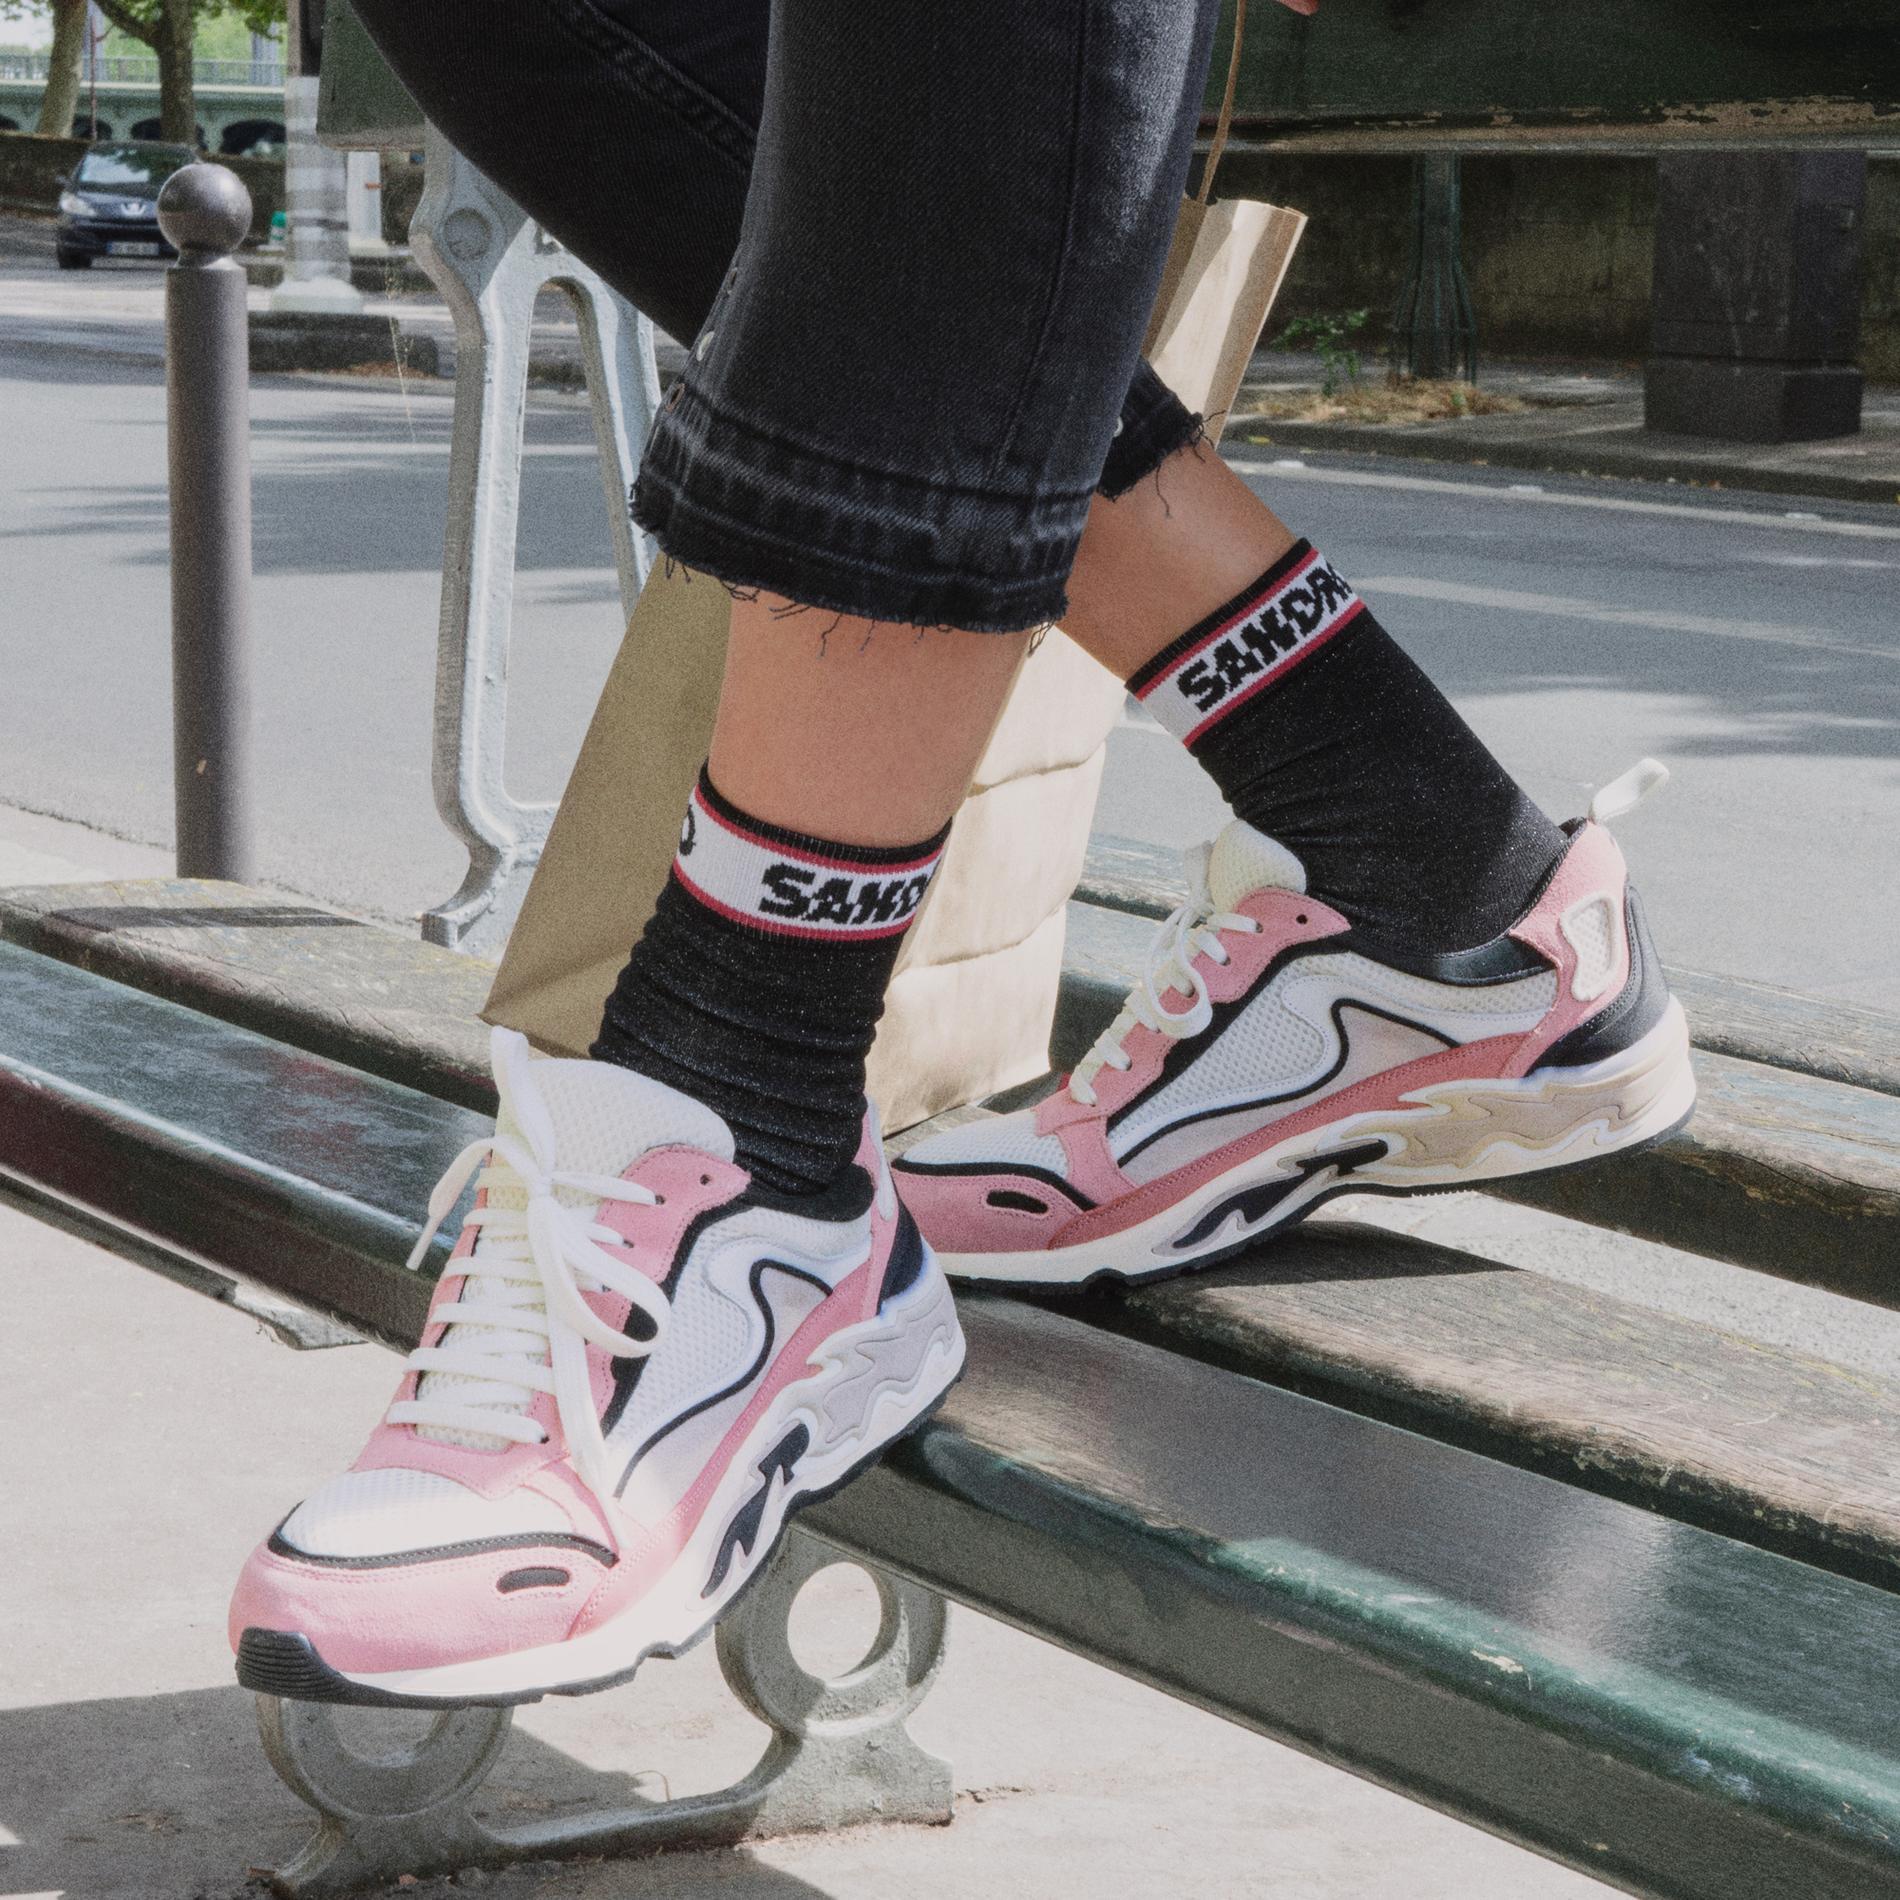 ... sneakers de l automne-hiver 2018 - Faguo Les sneakers de  l automne-hiver 2018 - Marni Les sneakers de l automne-hiver 2018 - Acne  Studio Les sneakers de ... 95e2d4da8f7